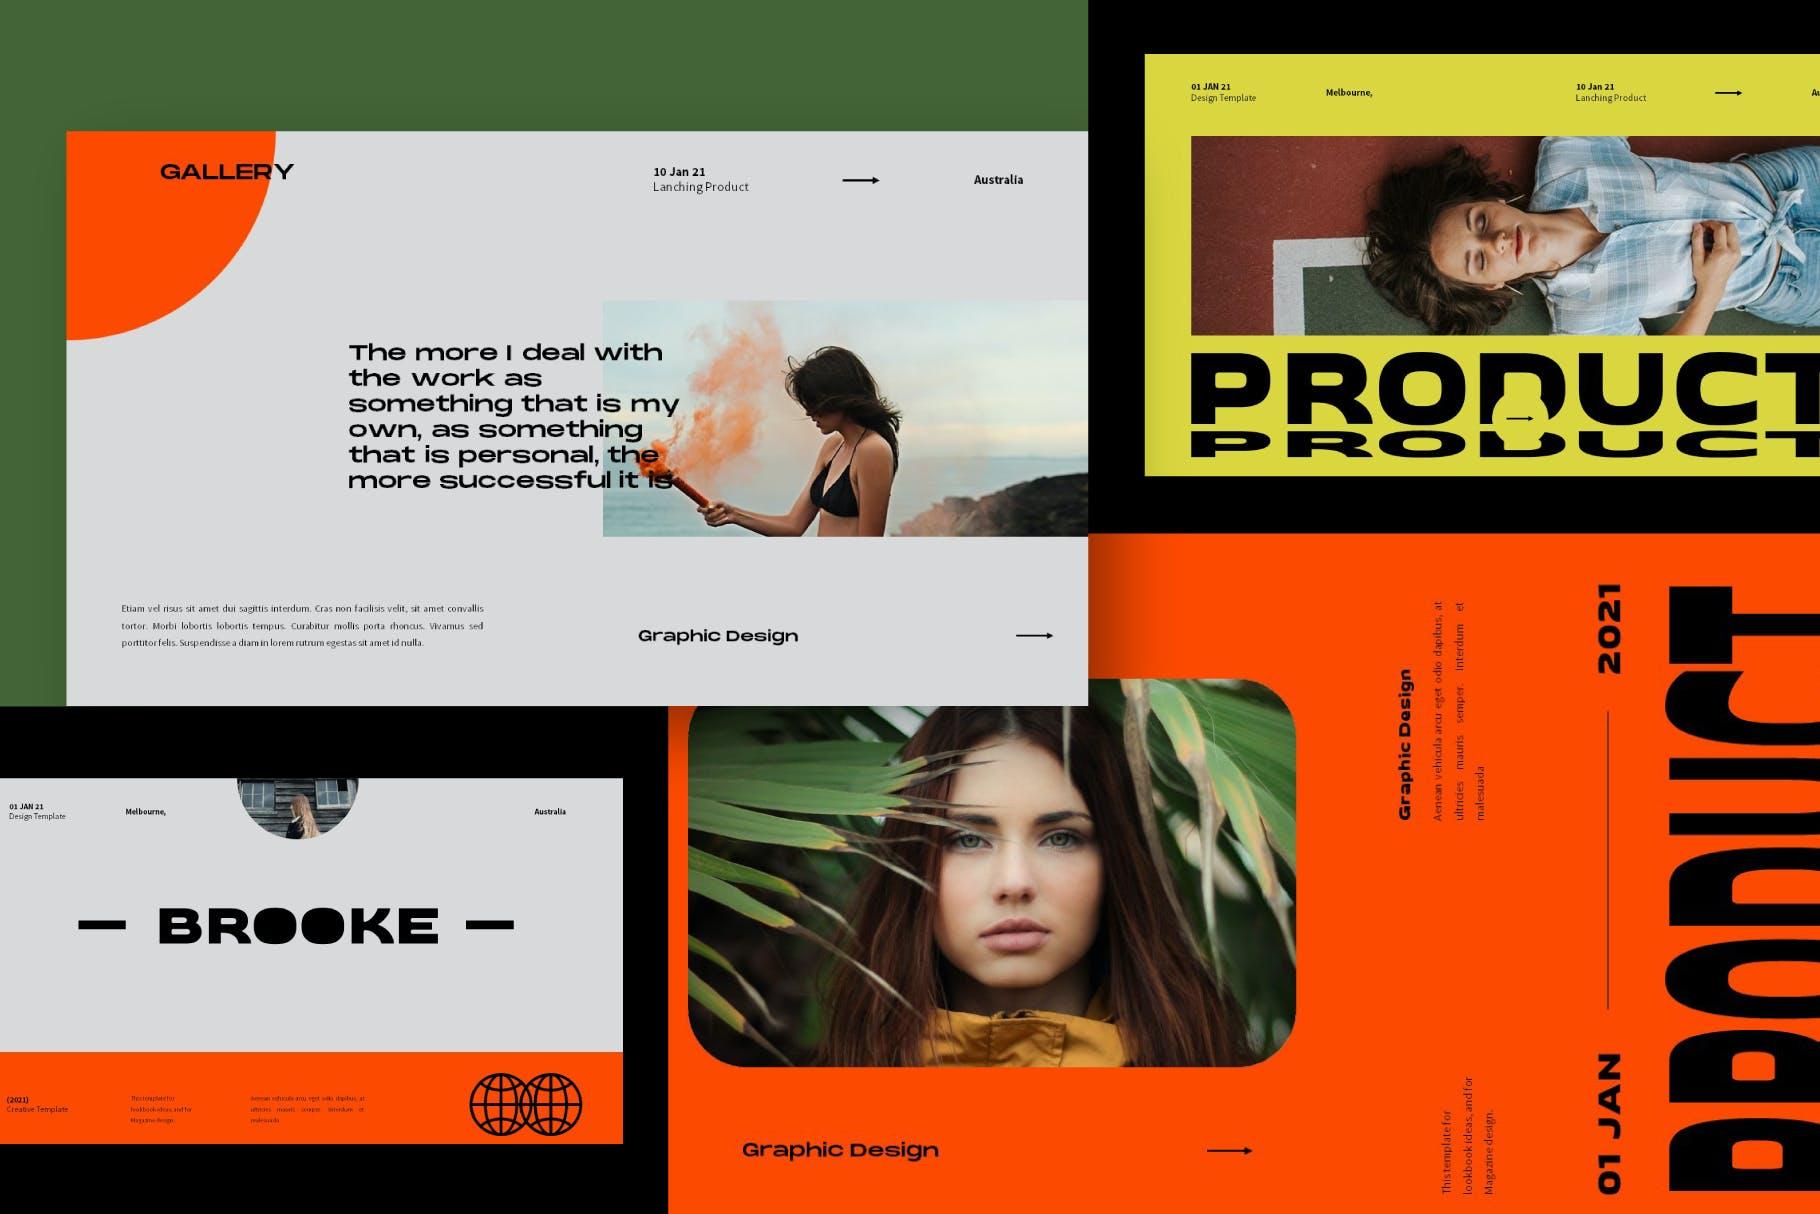 时尚潮流品牌策划案提案简报设计演示文稿模板 Brooke Powerpoint Template插图4